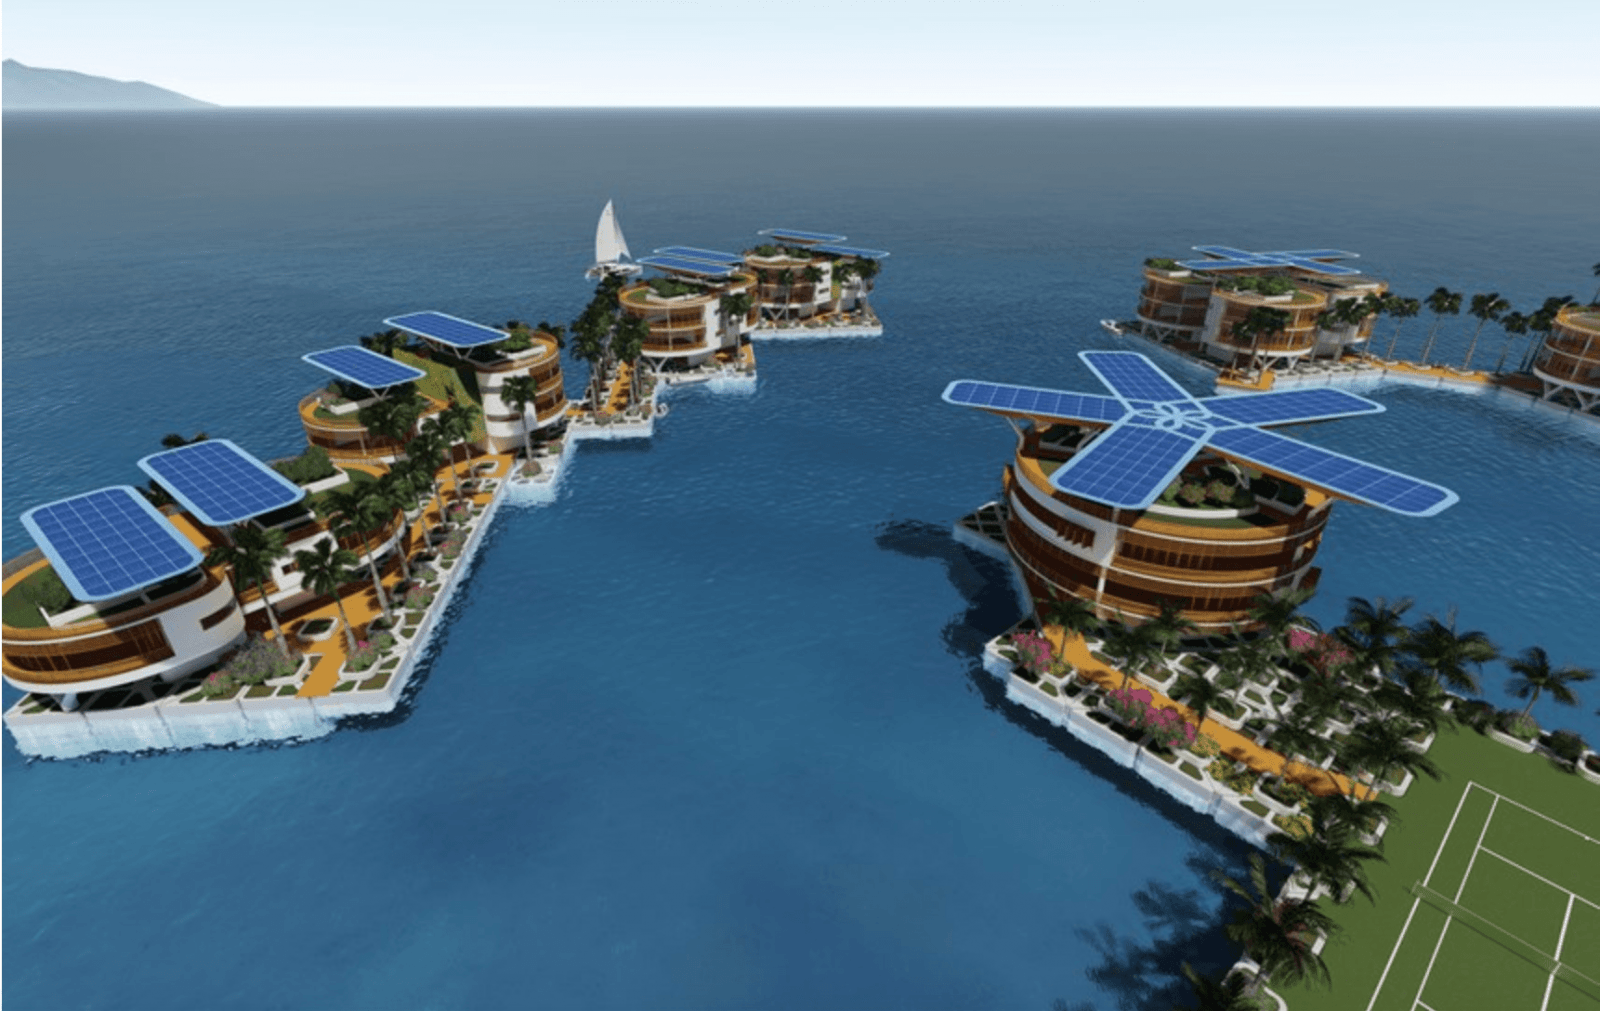 ilginc - Ekran Resmi 2017 11 23 22.54.56 - Yüzen Adalarda Yaşamak